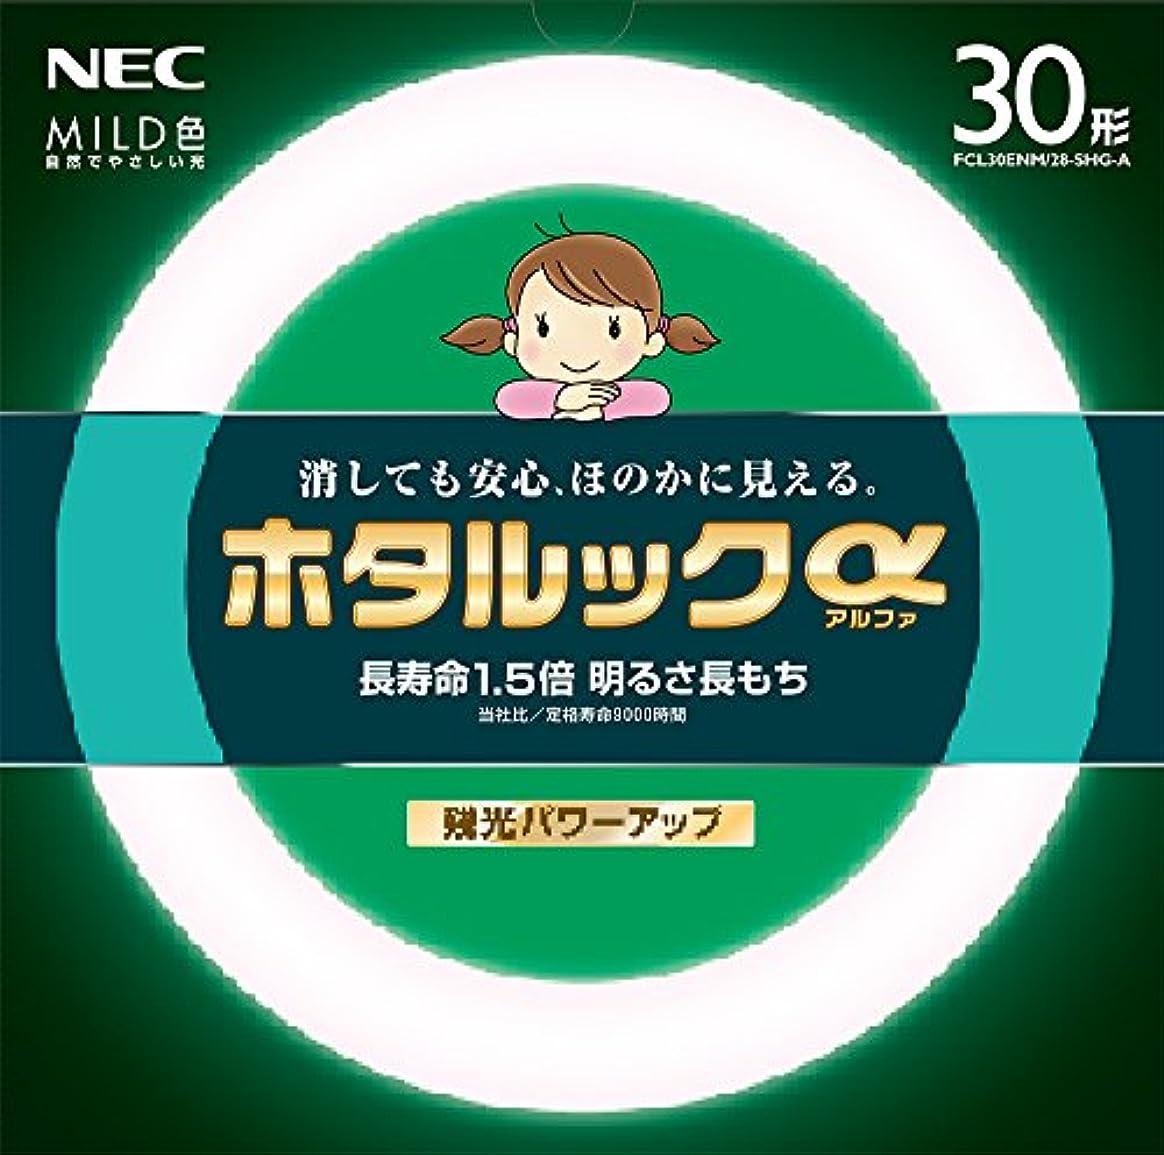 ガソリンハブ撤回するNEC 丸形蛍光灯(FCL) ホタルックα 30形 MILD色(昼白色タイプ)